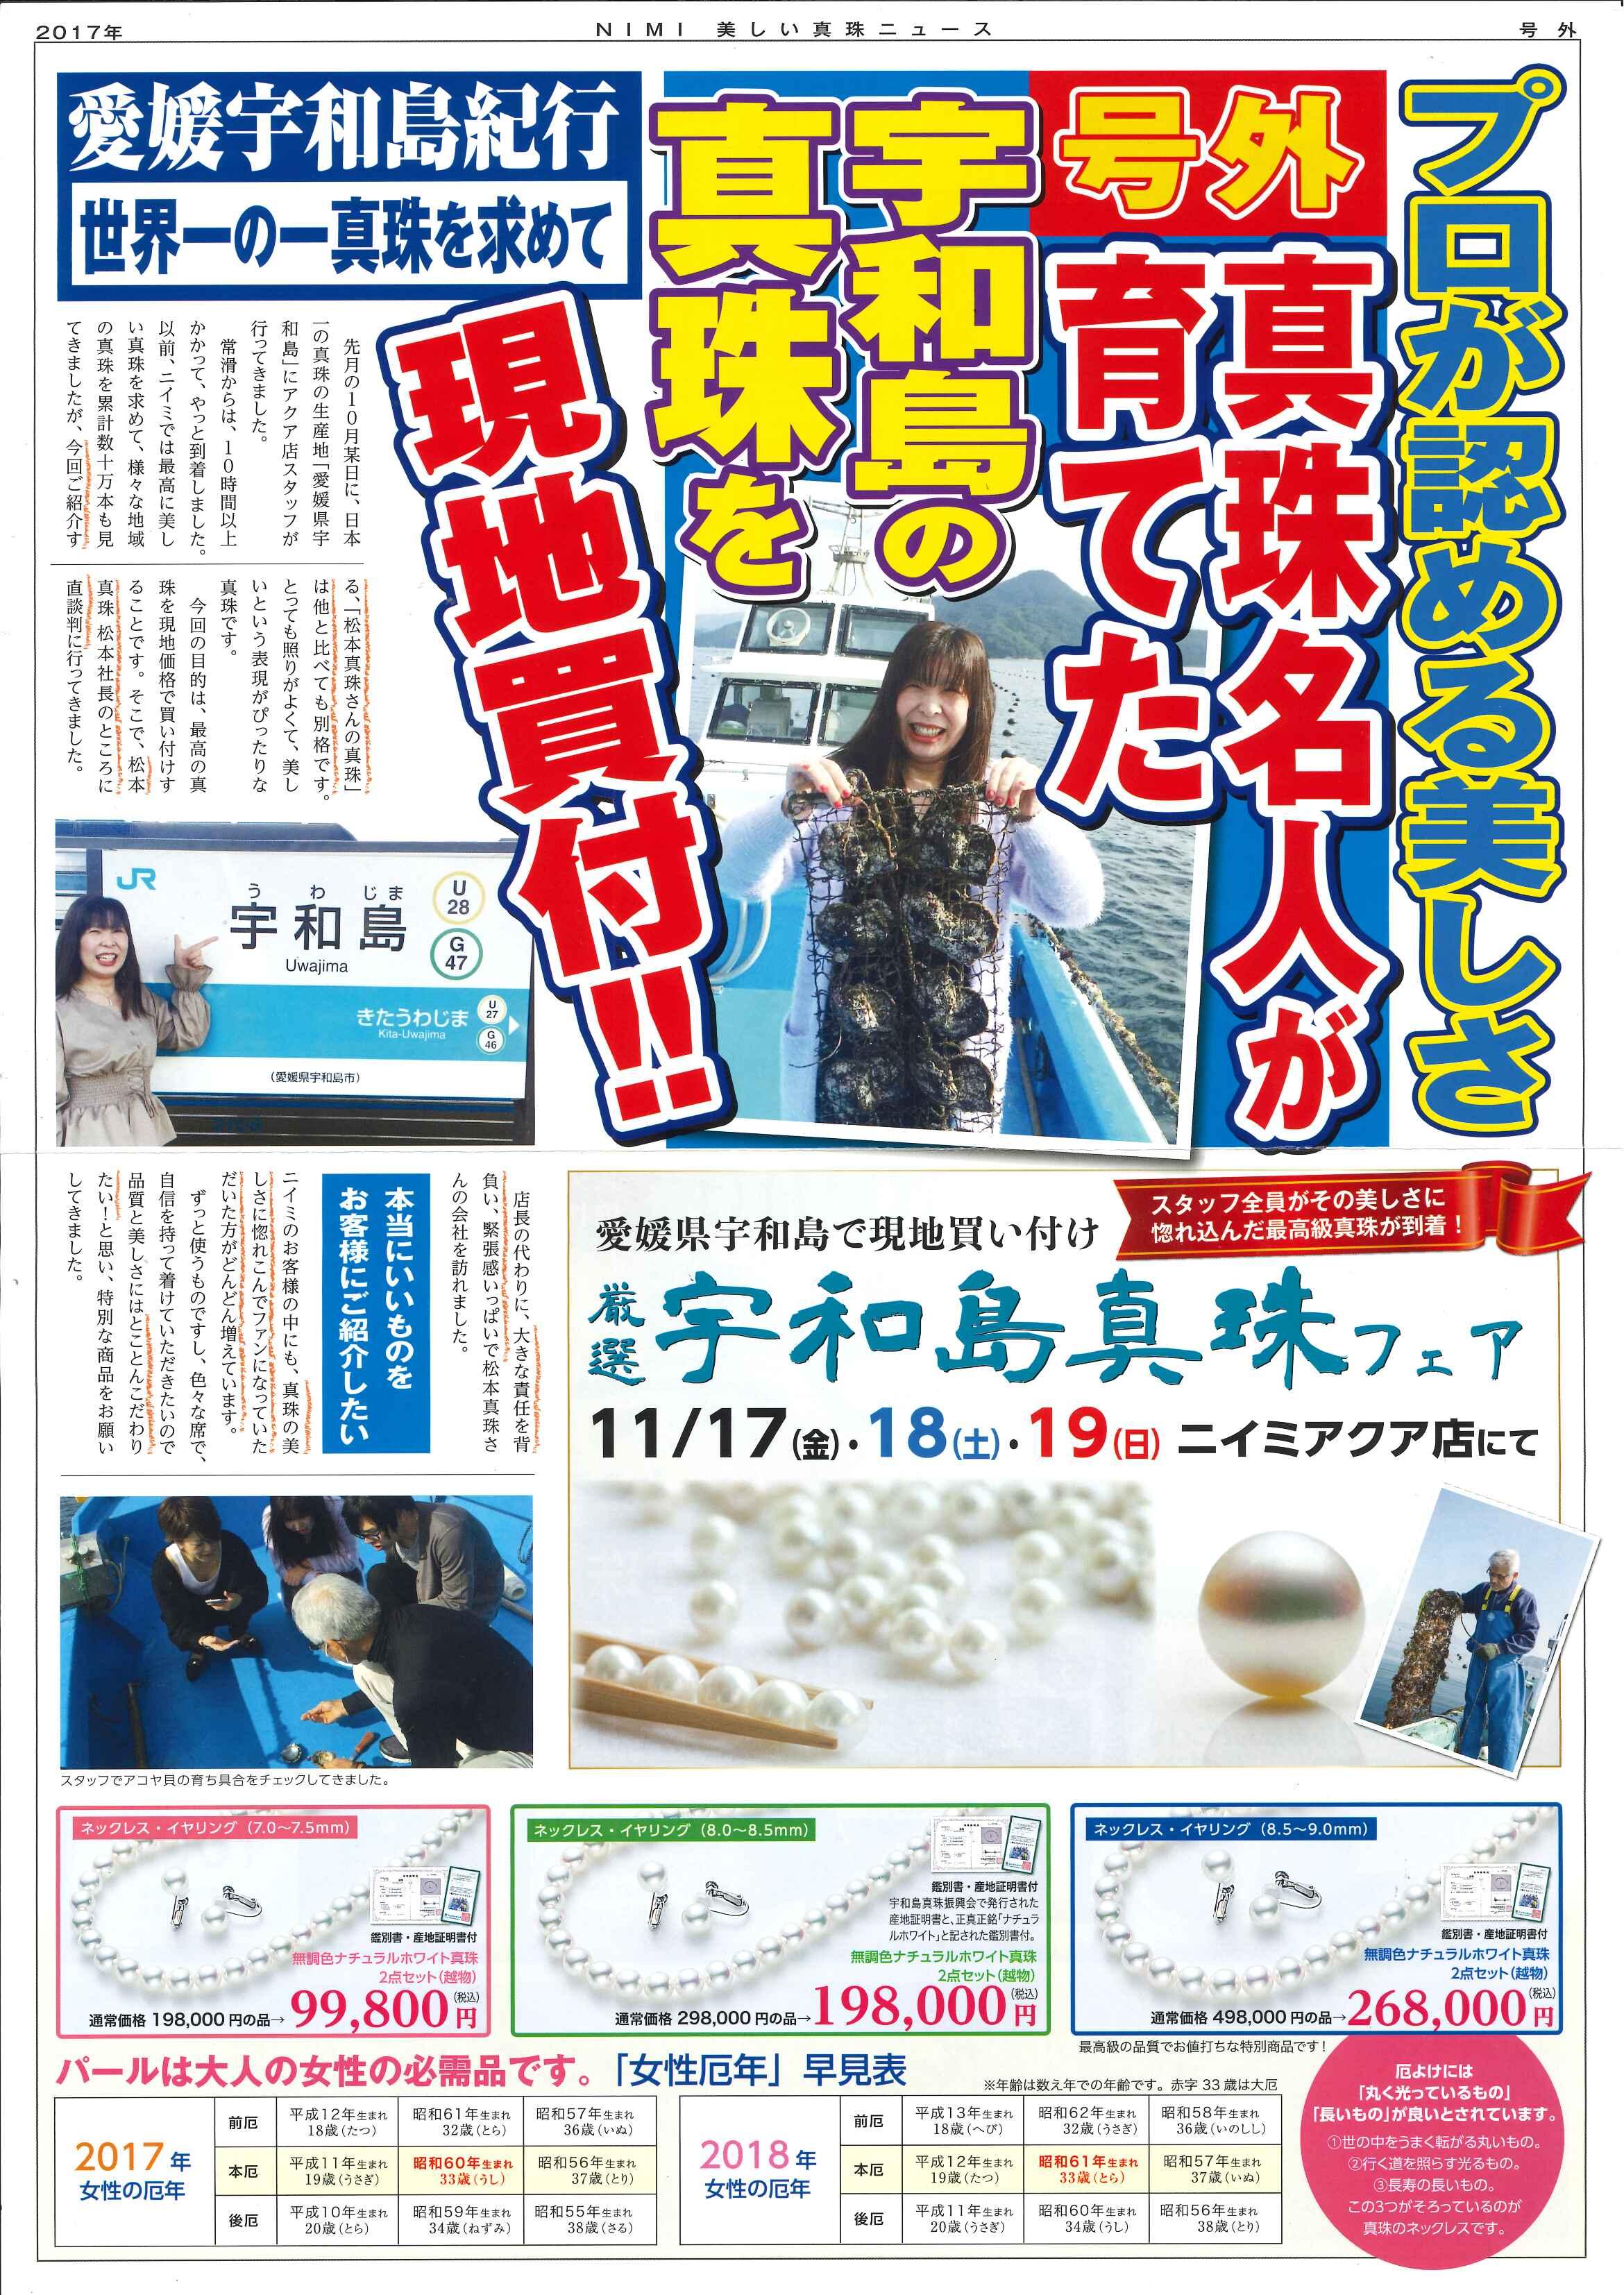 イオンモール常滑のニイミアクアに 松本真珠さんが来た~!